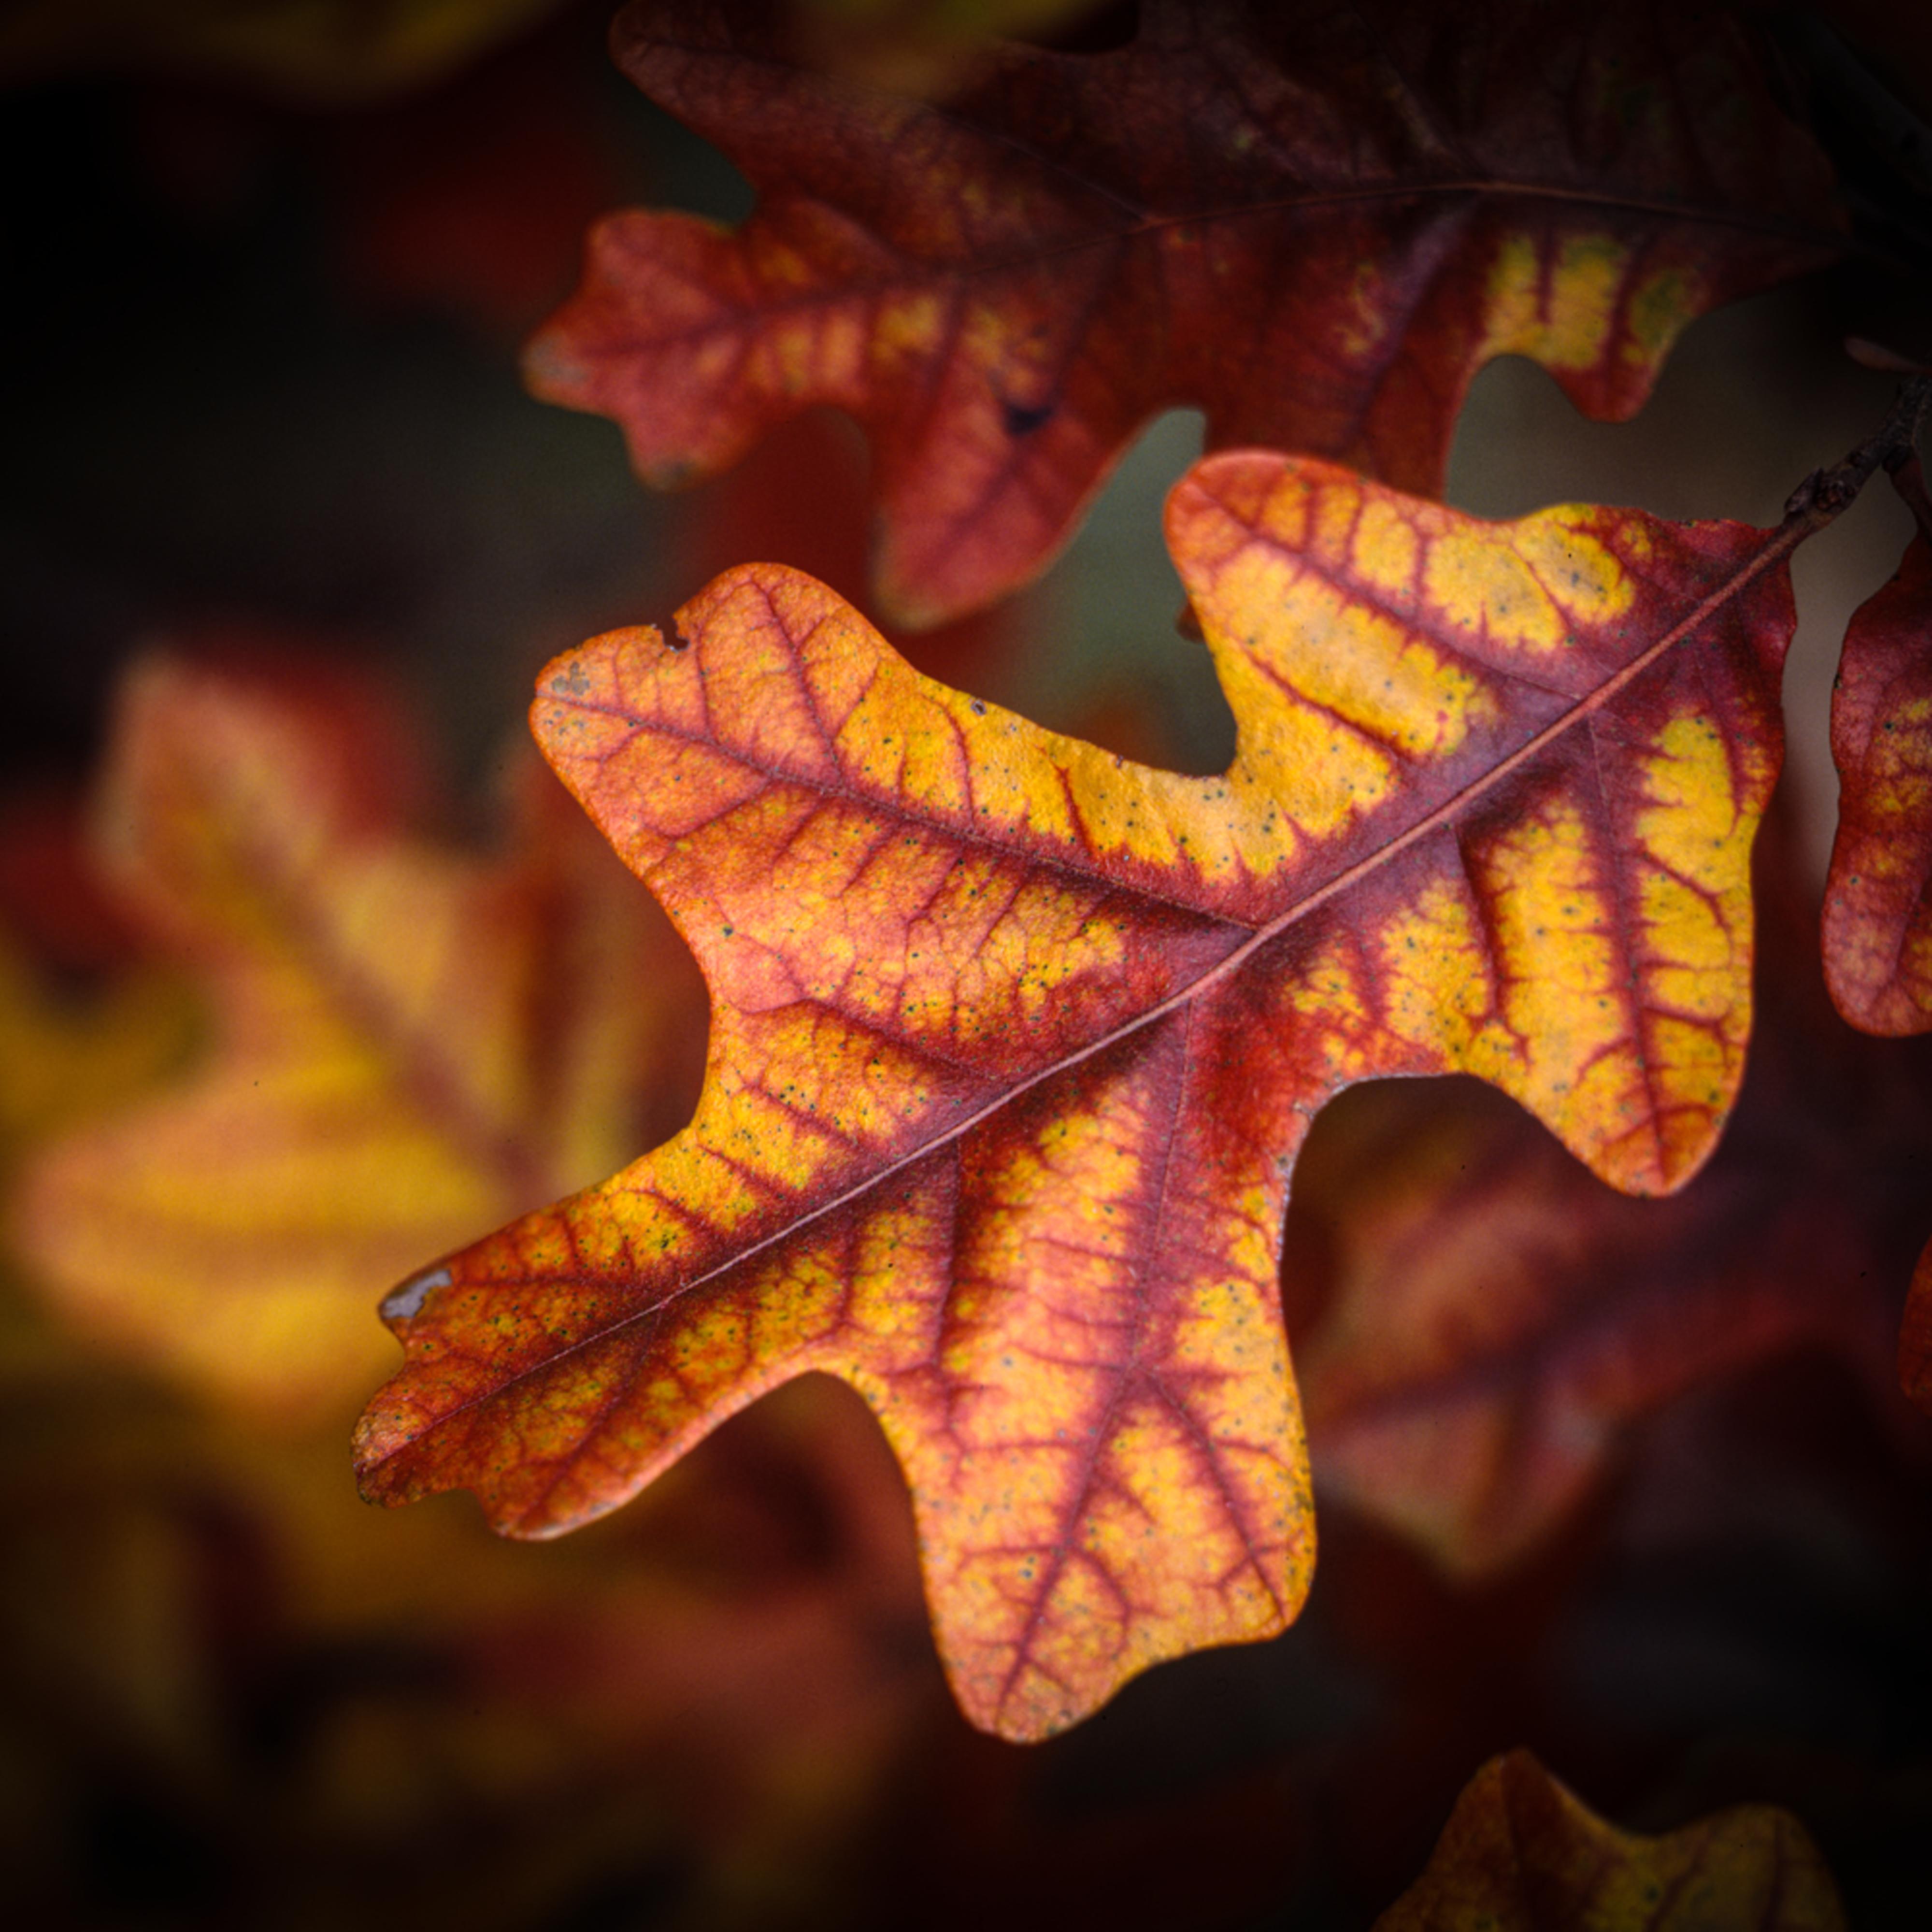 Post oak leaf edvzcn